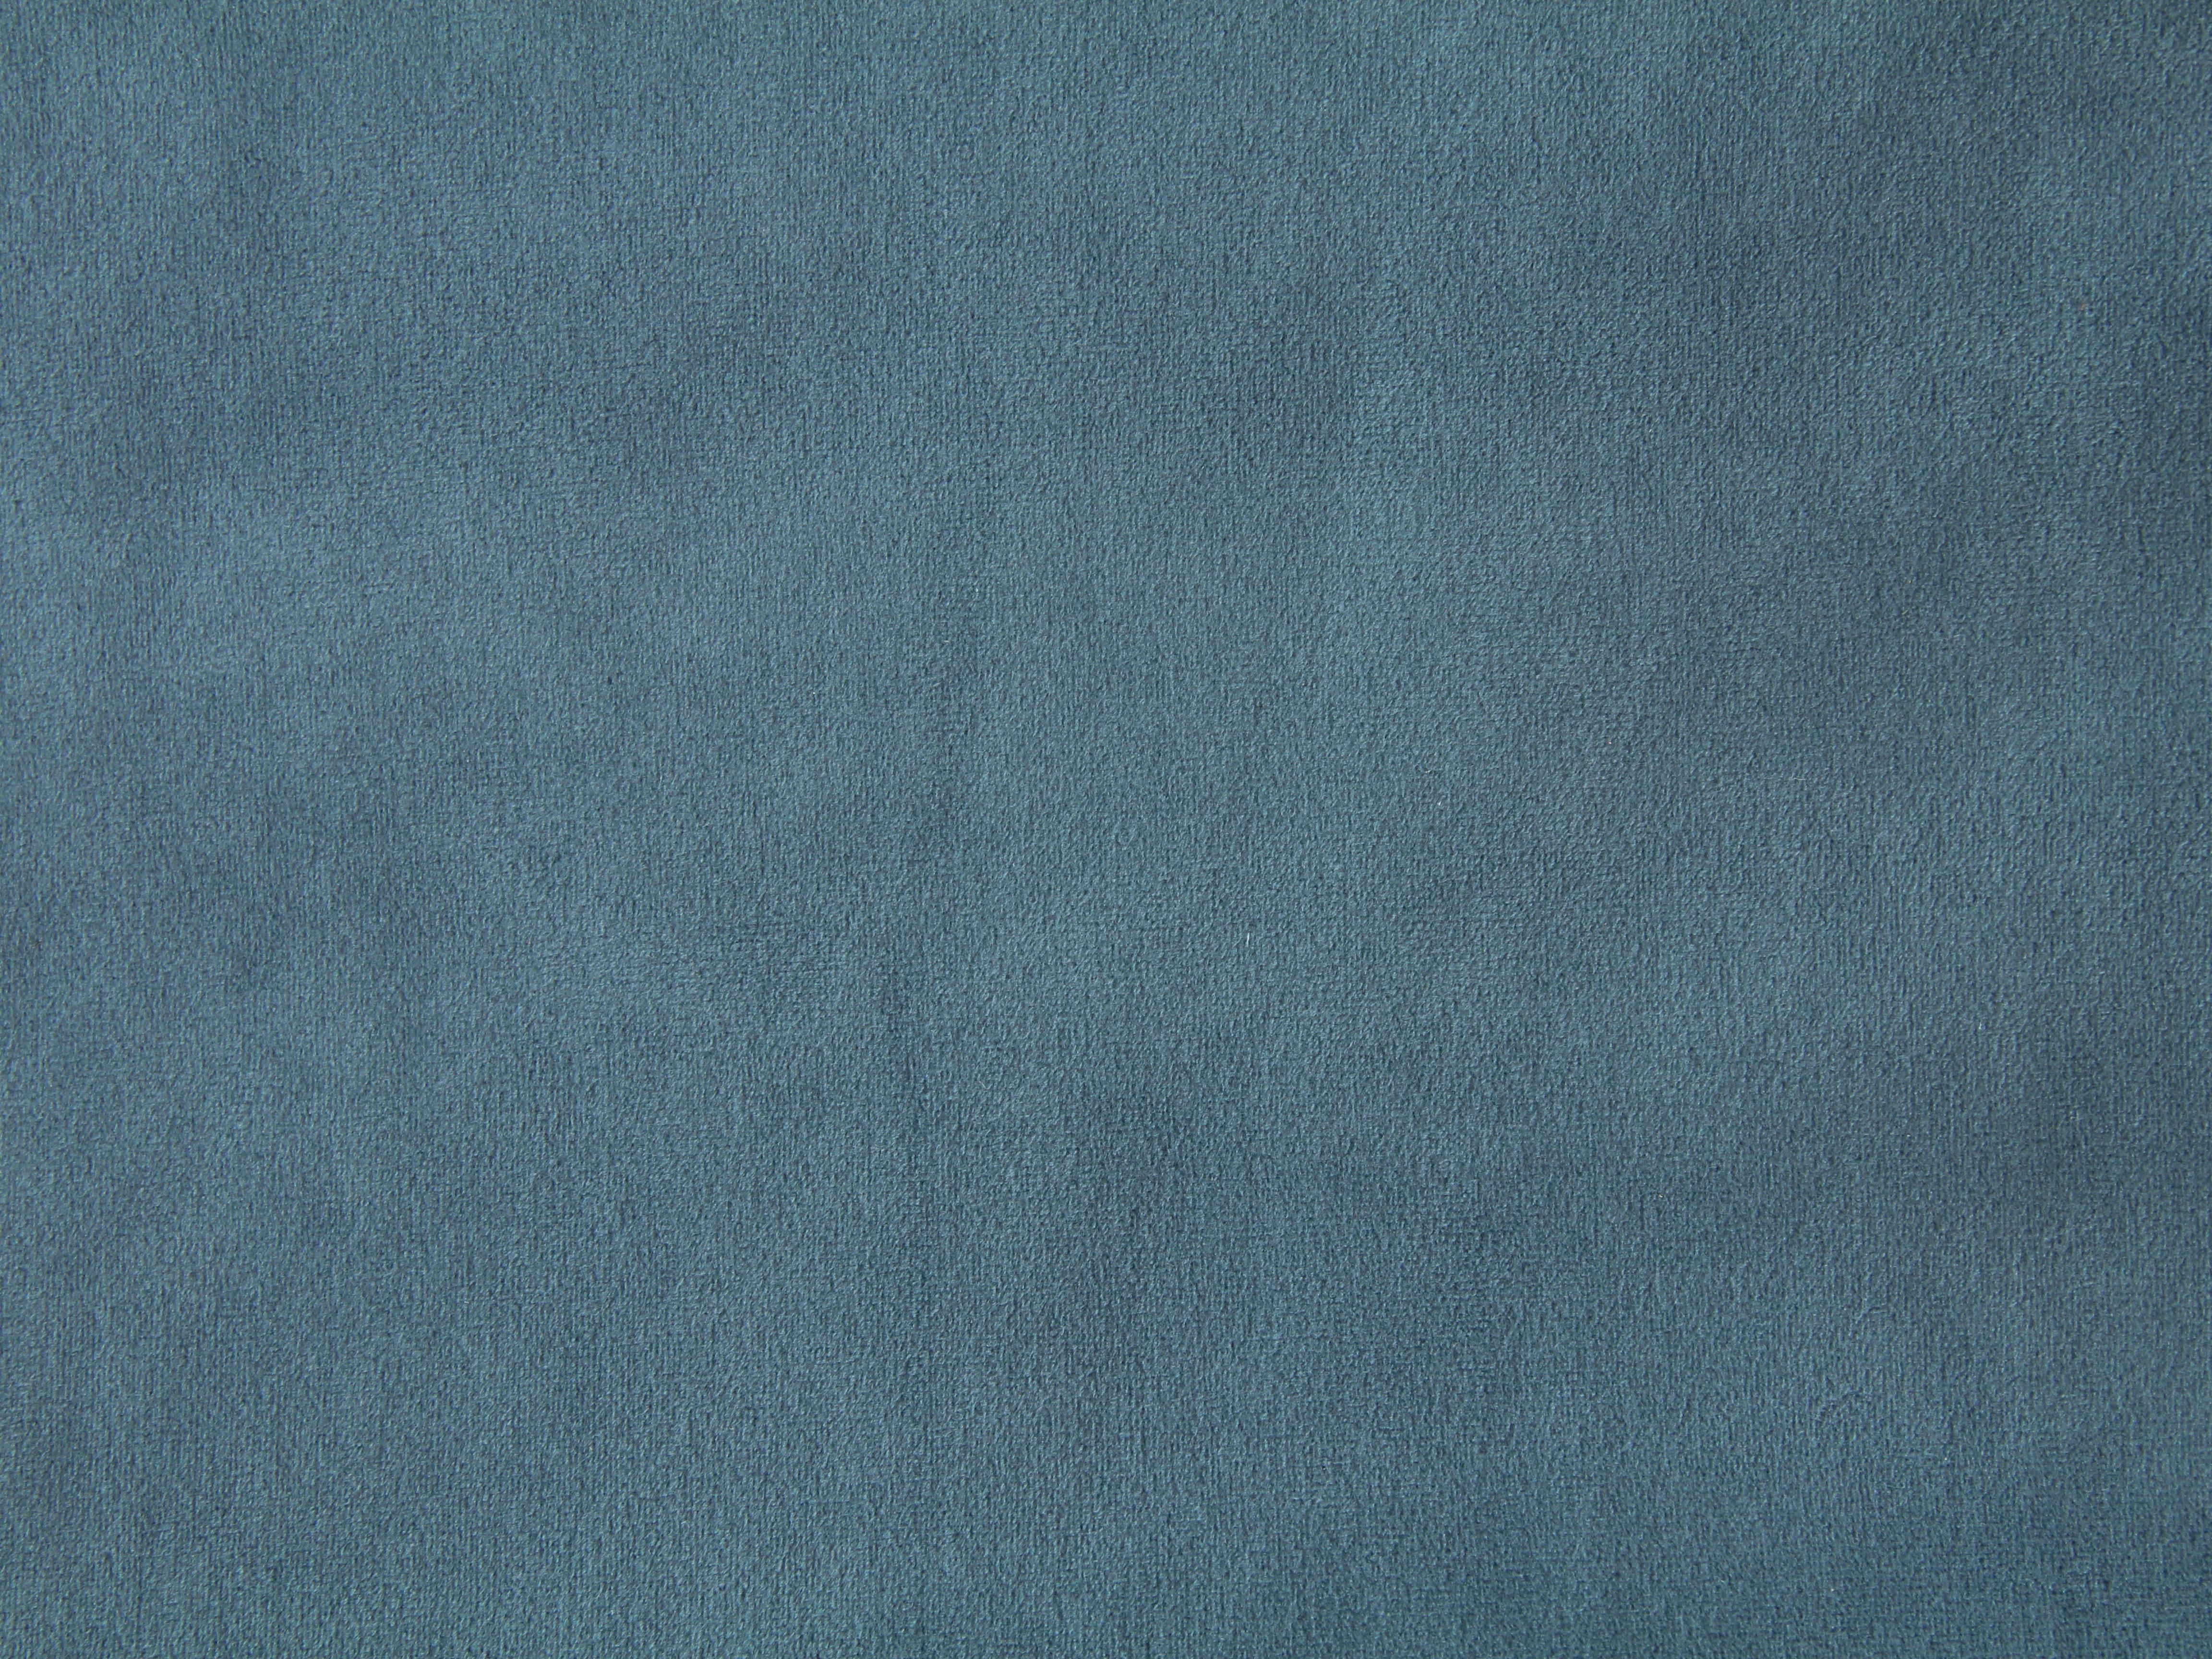 Gray Slate Wallpaper Wallpapersafari HD Wallpapers Download Free Images Wallpaper [1000image.com]